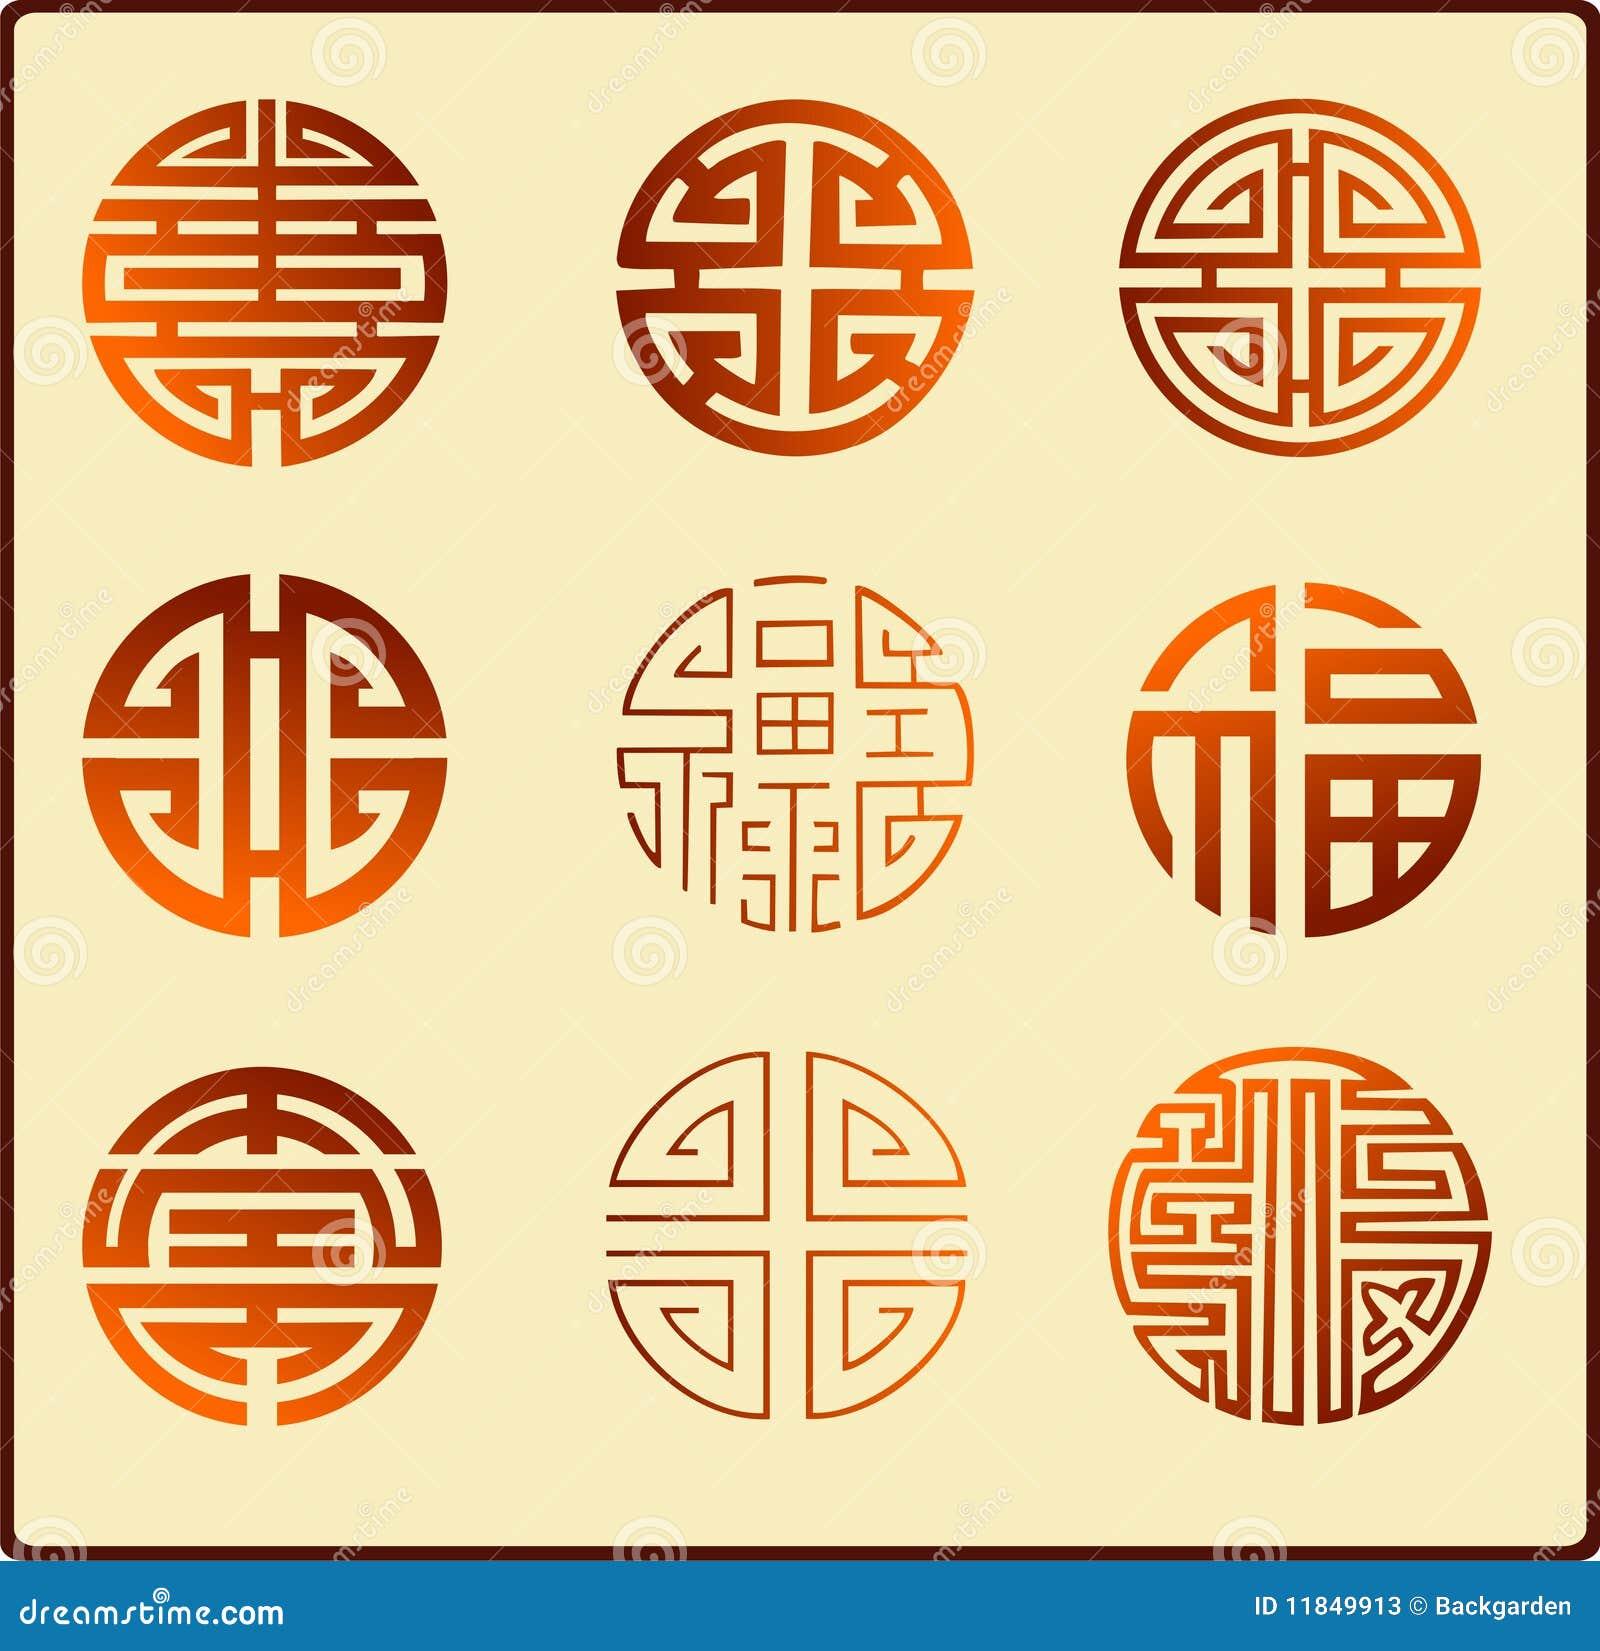 Simboli grafici cinesi illustrazione vettoriale - Simboli portafortuna cinesi ...